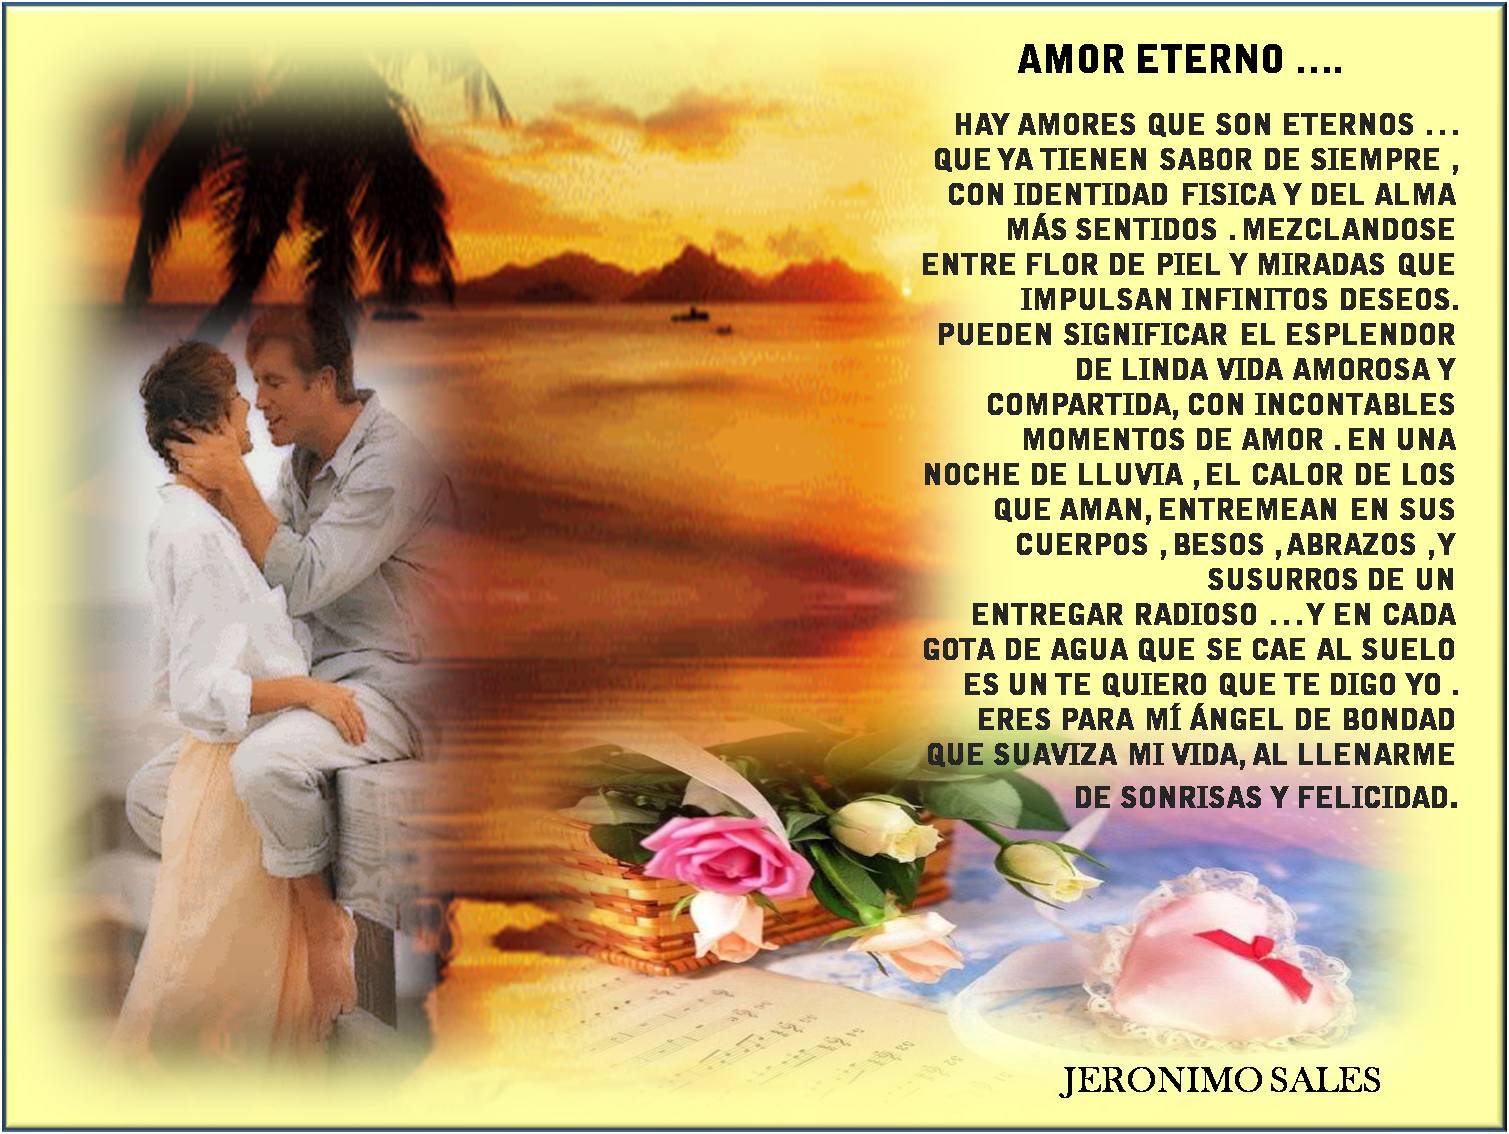 Imagenes Con Frases De Amor 2 El Unico Sentimiento